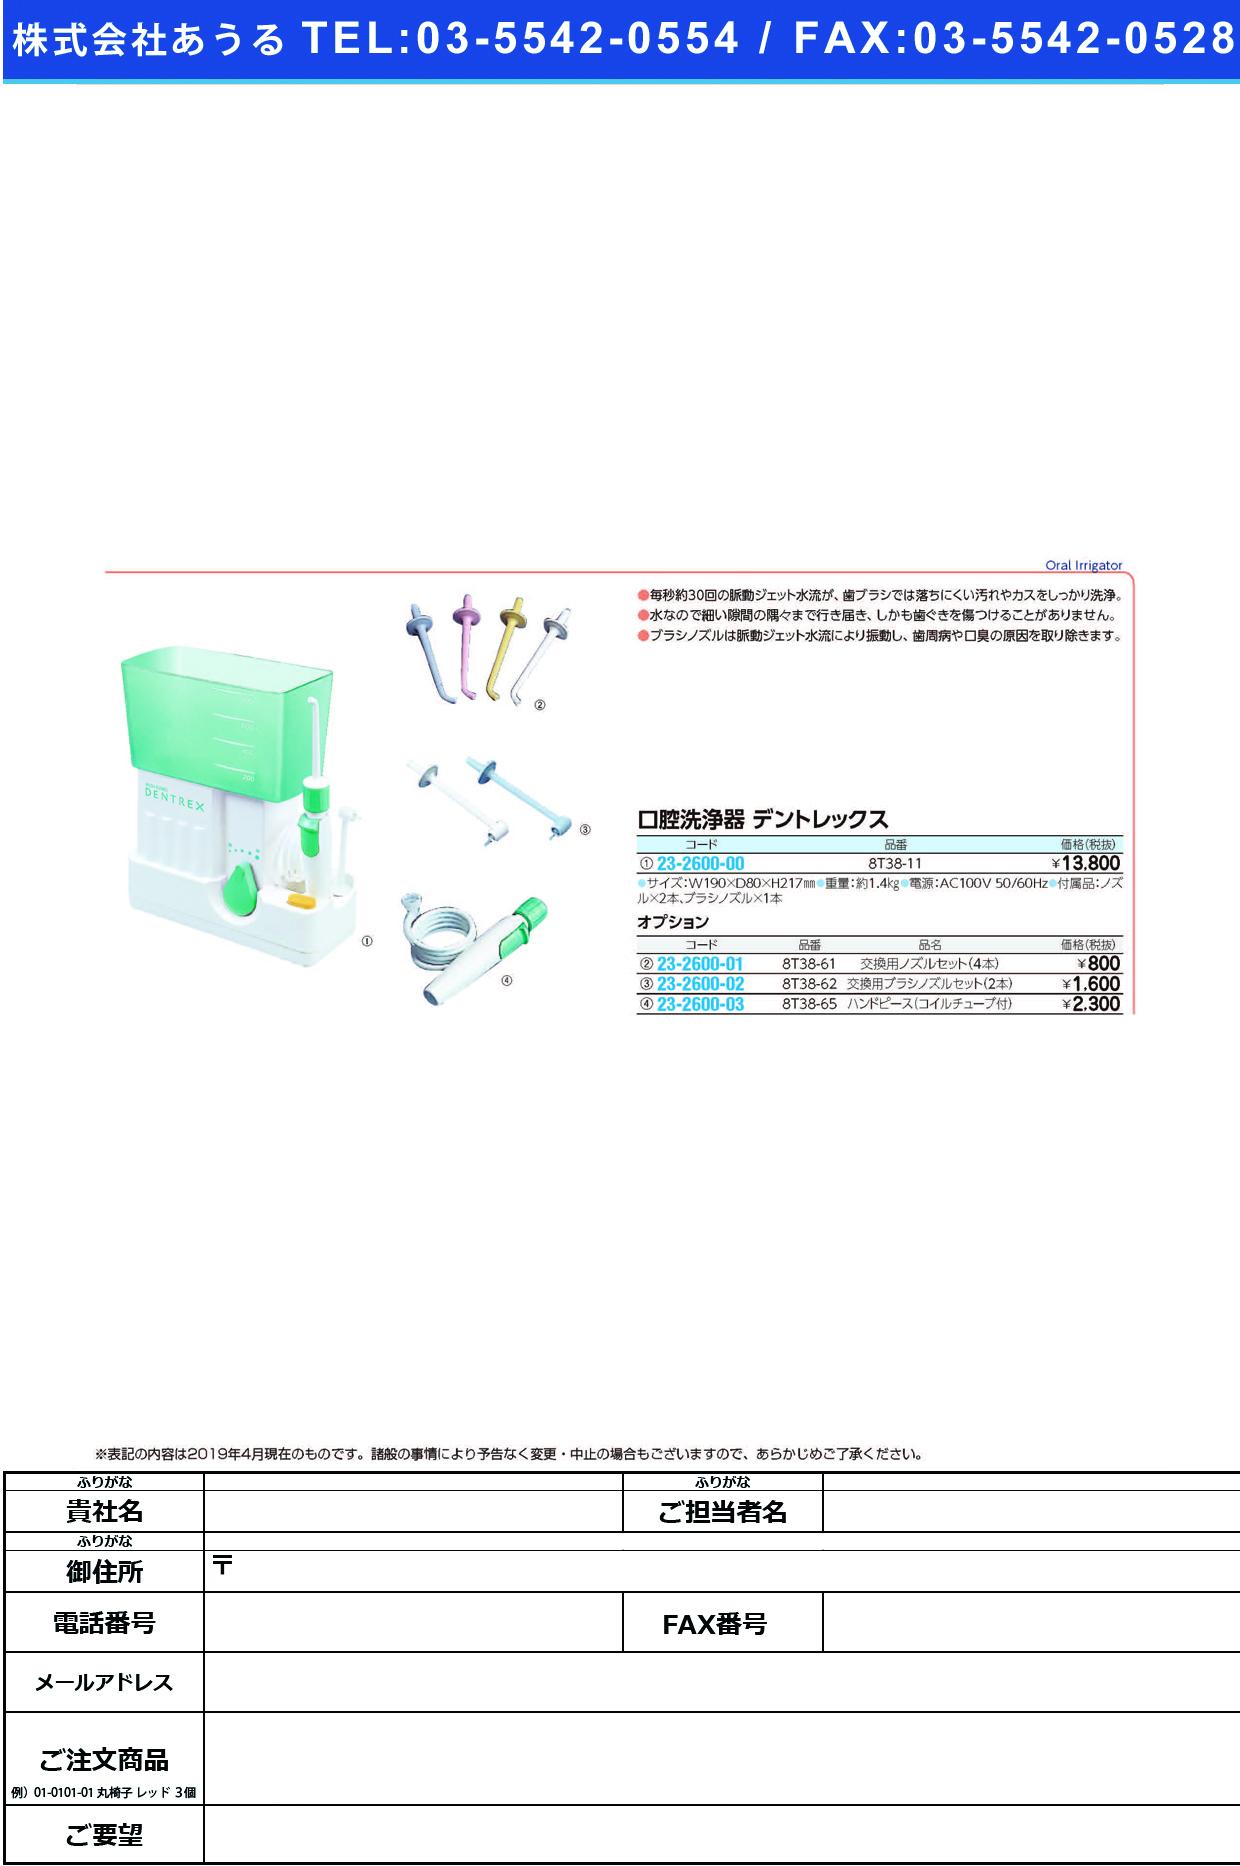 (23-2600-00)口腔洗浄器デントレックス 8T38-11 コウクセンジョウキデントレックス【1台単位】【2019年カタログ商品】